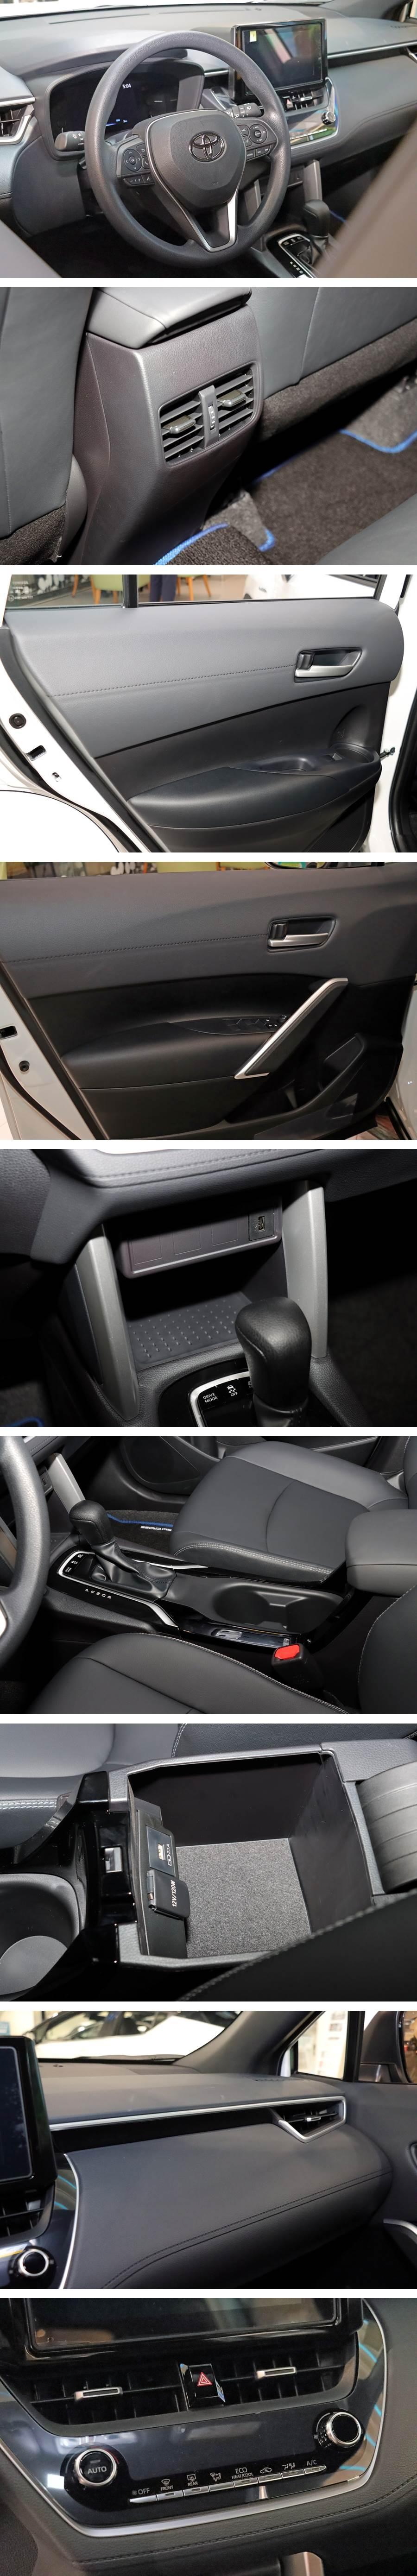 10/12 上市前最後衝單!國產小型 SUV 殺手 Toyota Corolla Cross 展示間實拍